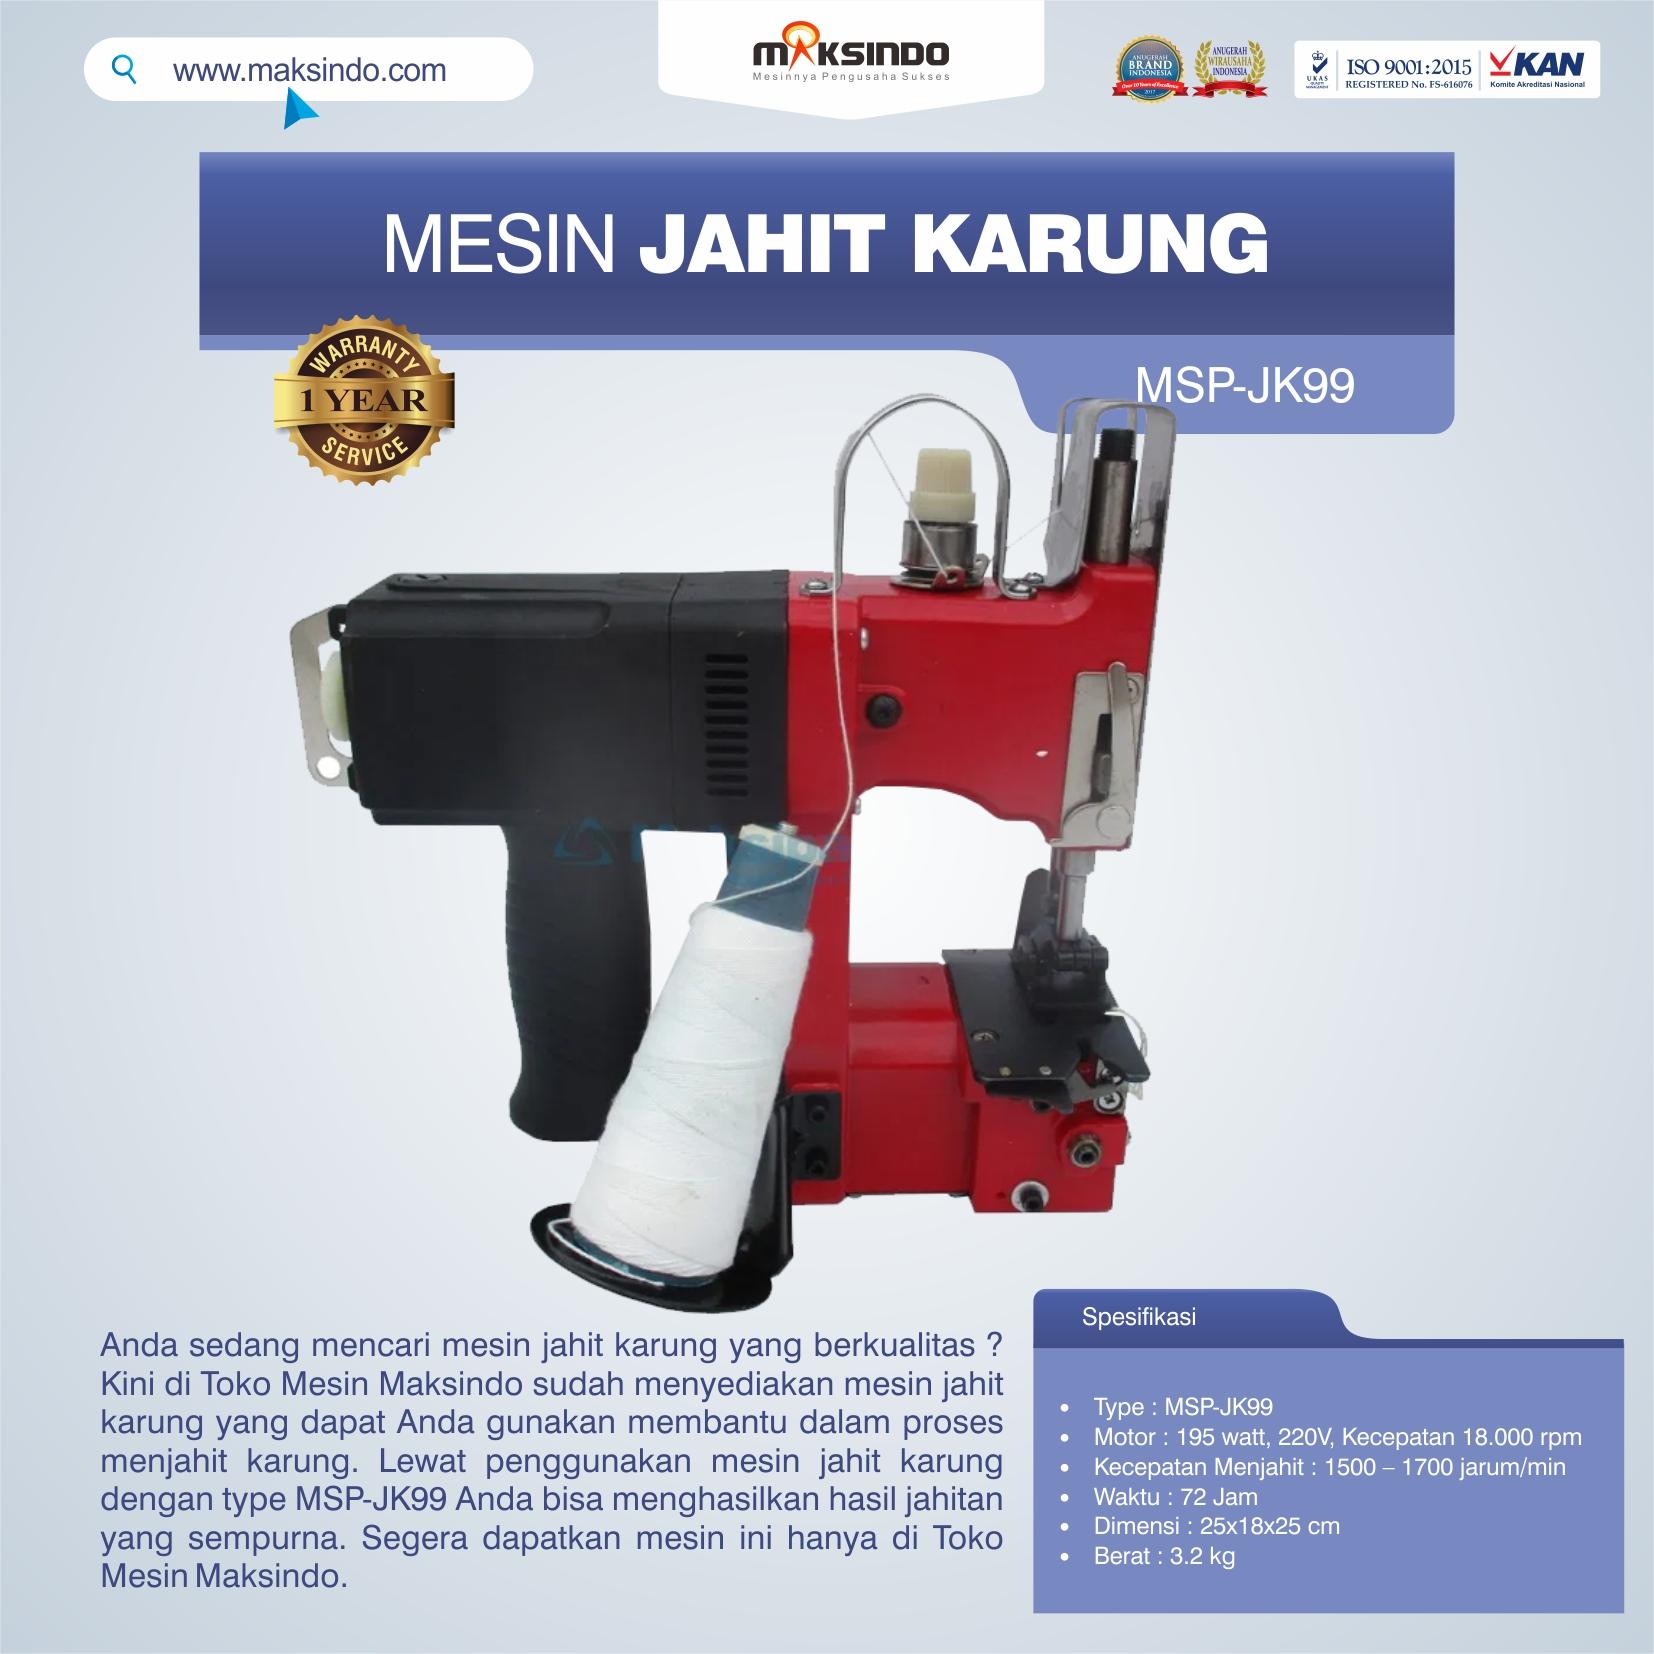 Jual Mesin Jahit Karung MSP-JK99 di Bali